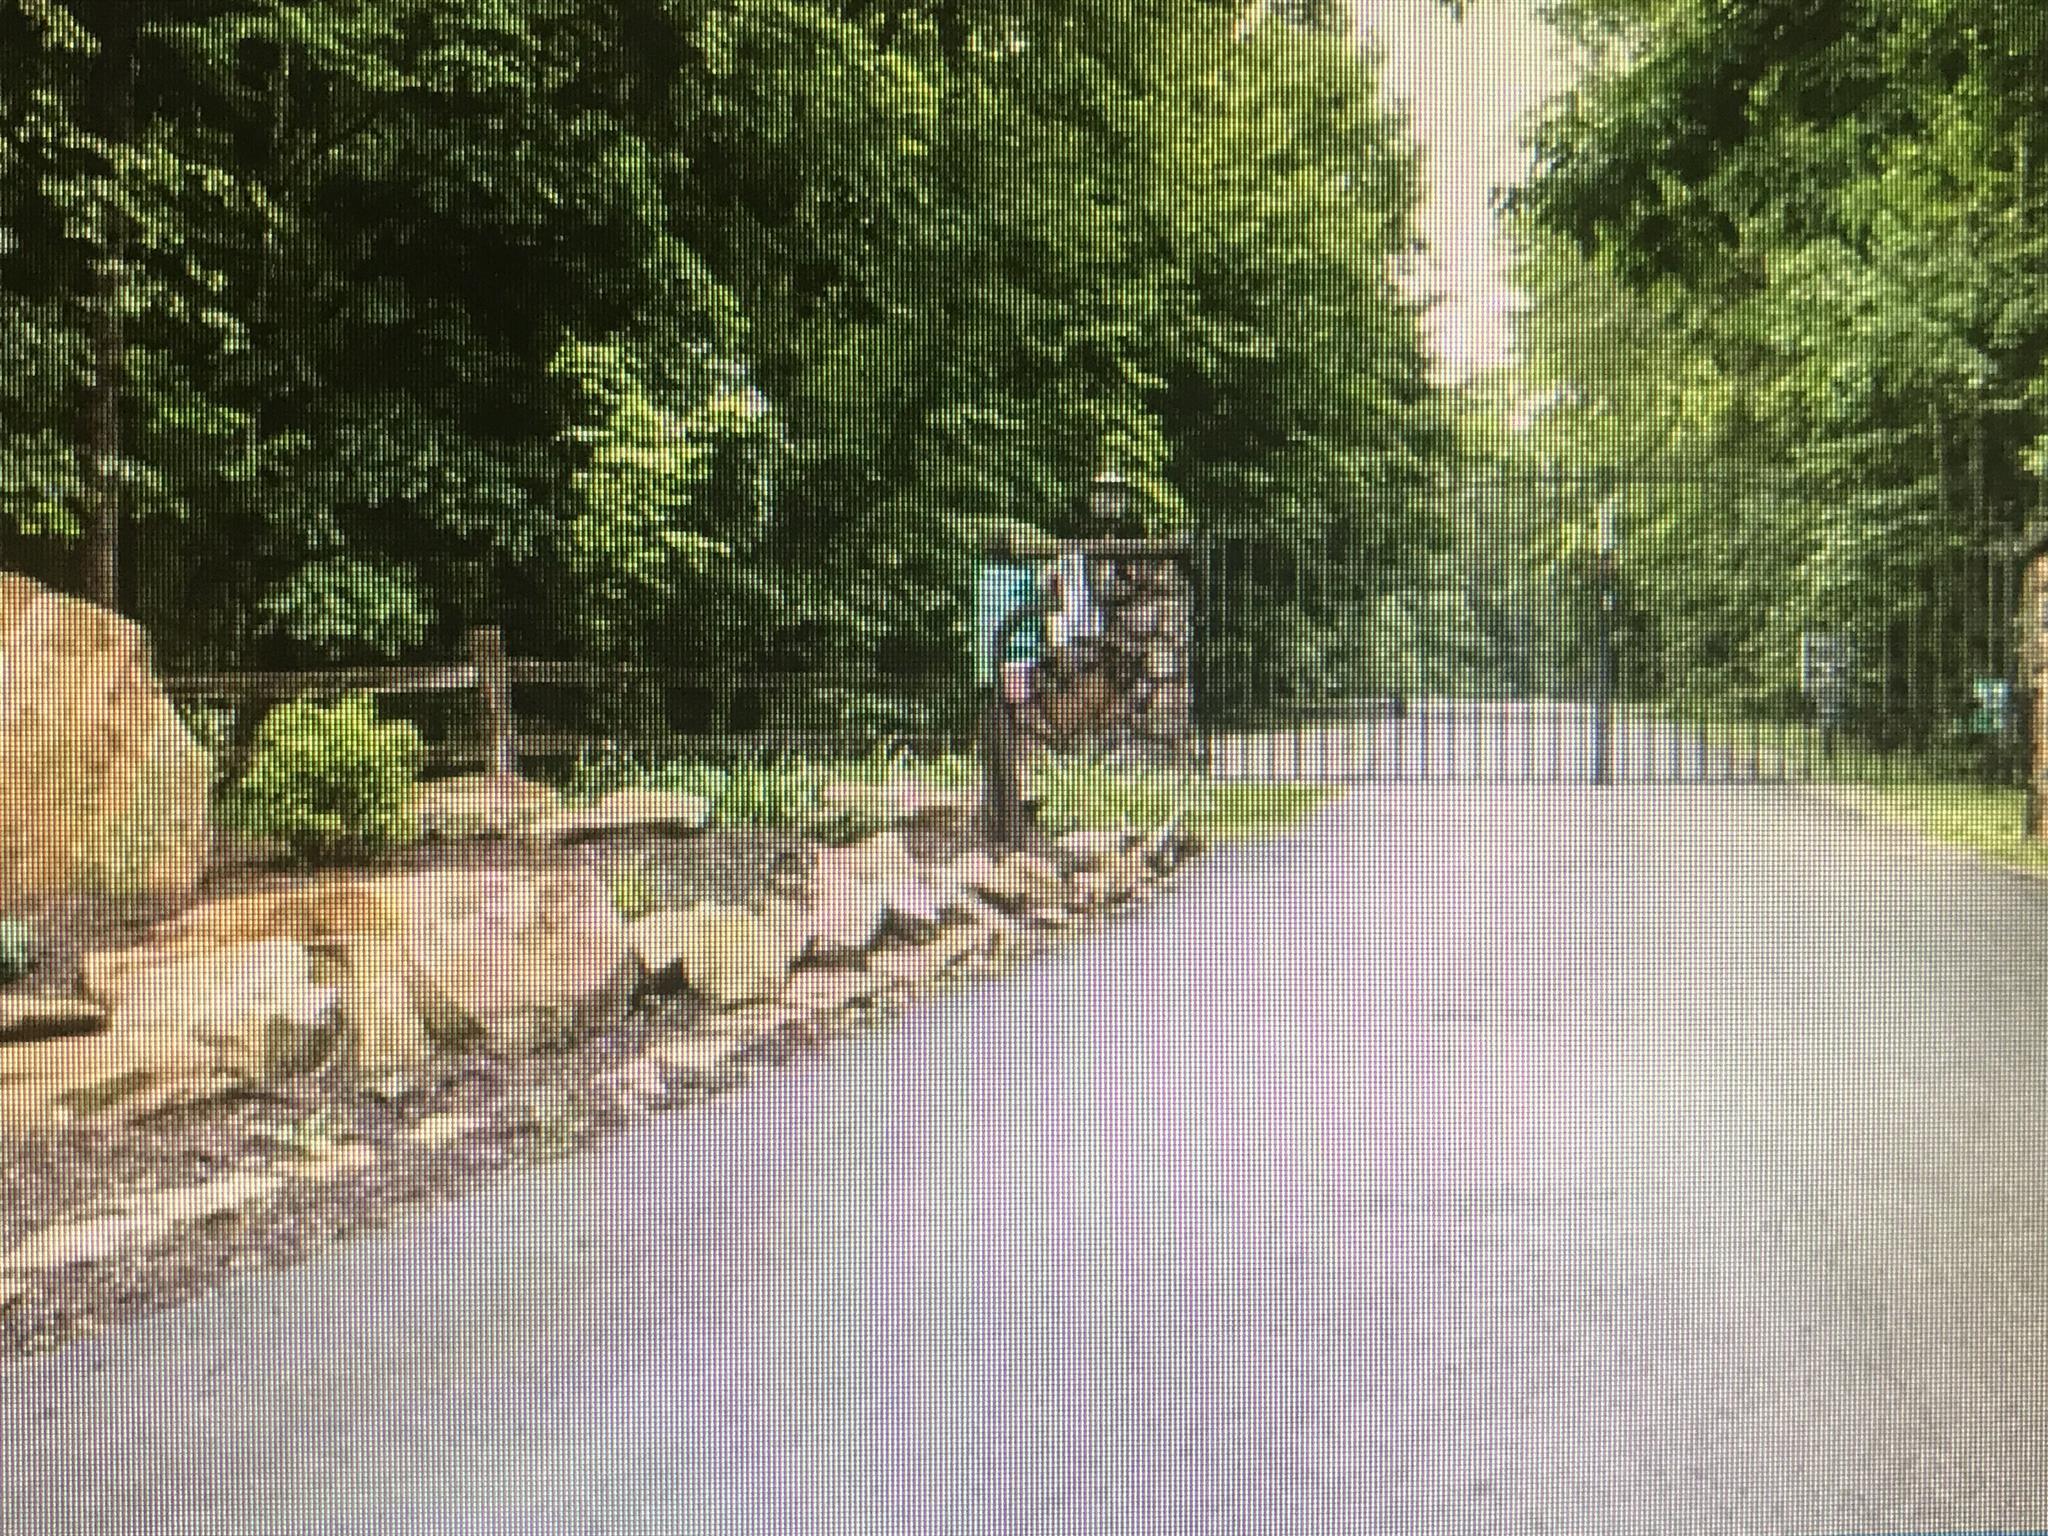 0 North Rim Dr, Coalmont, TN 37313 - Coalmont, TN real estate listing